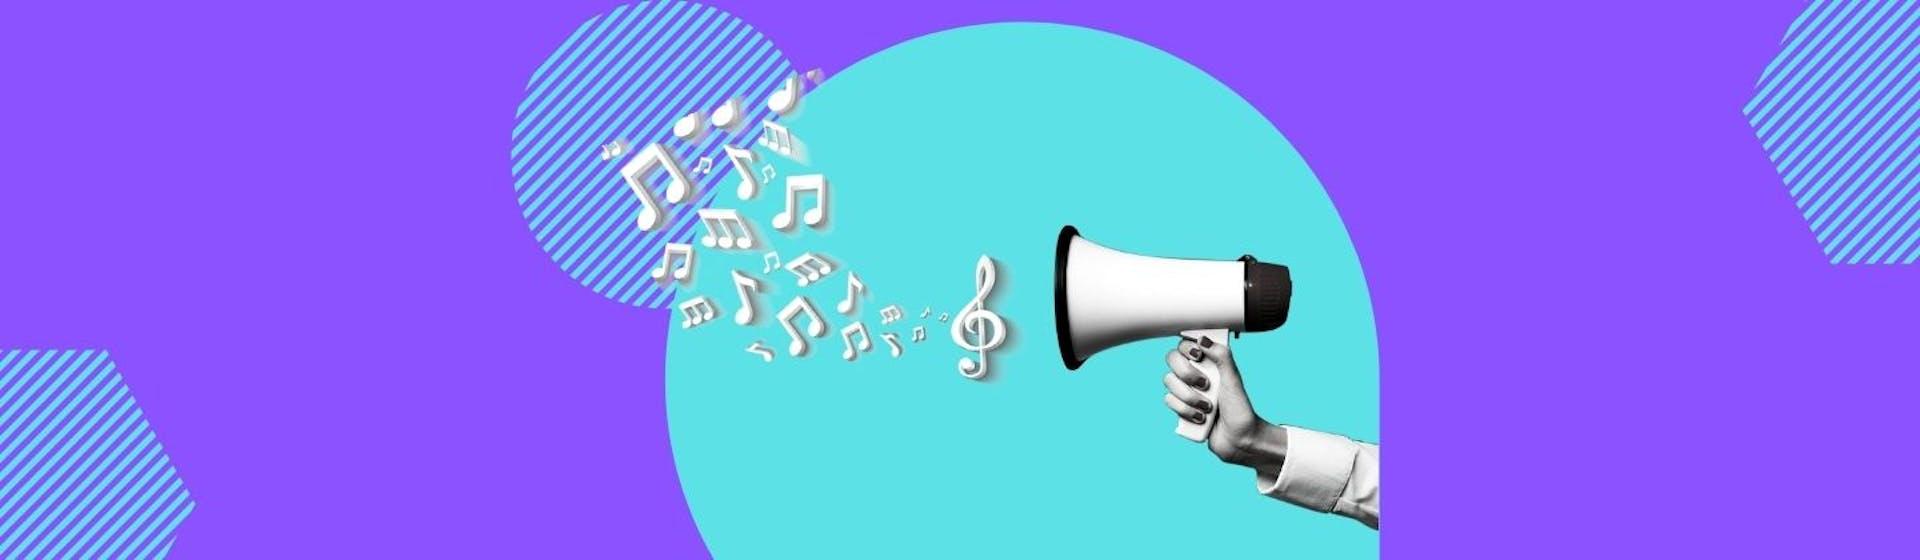 ¿Qué es un jingle publicitario? 5 trucos para meterte en la cabeza de todos